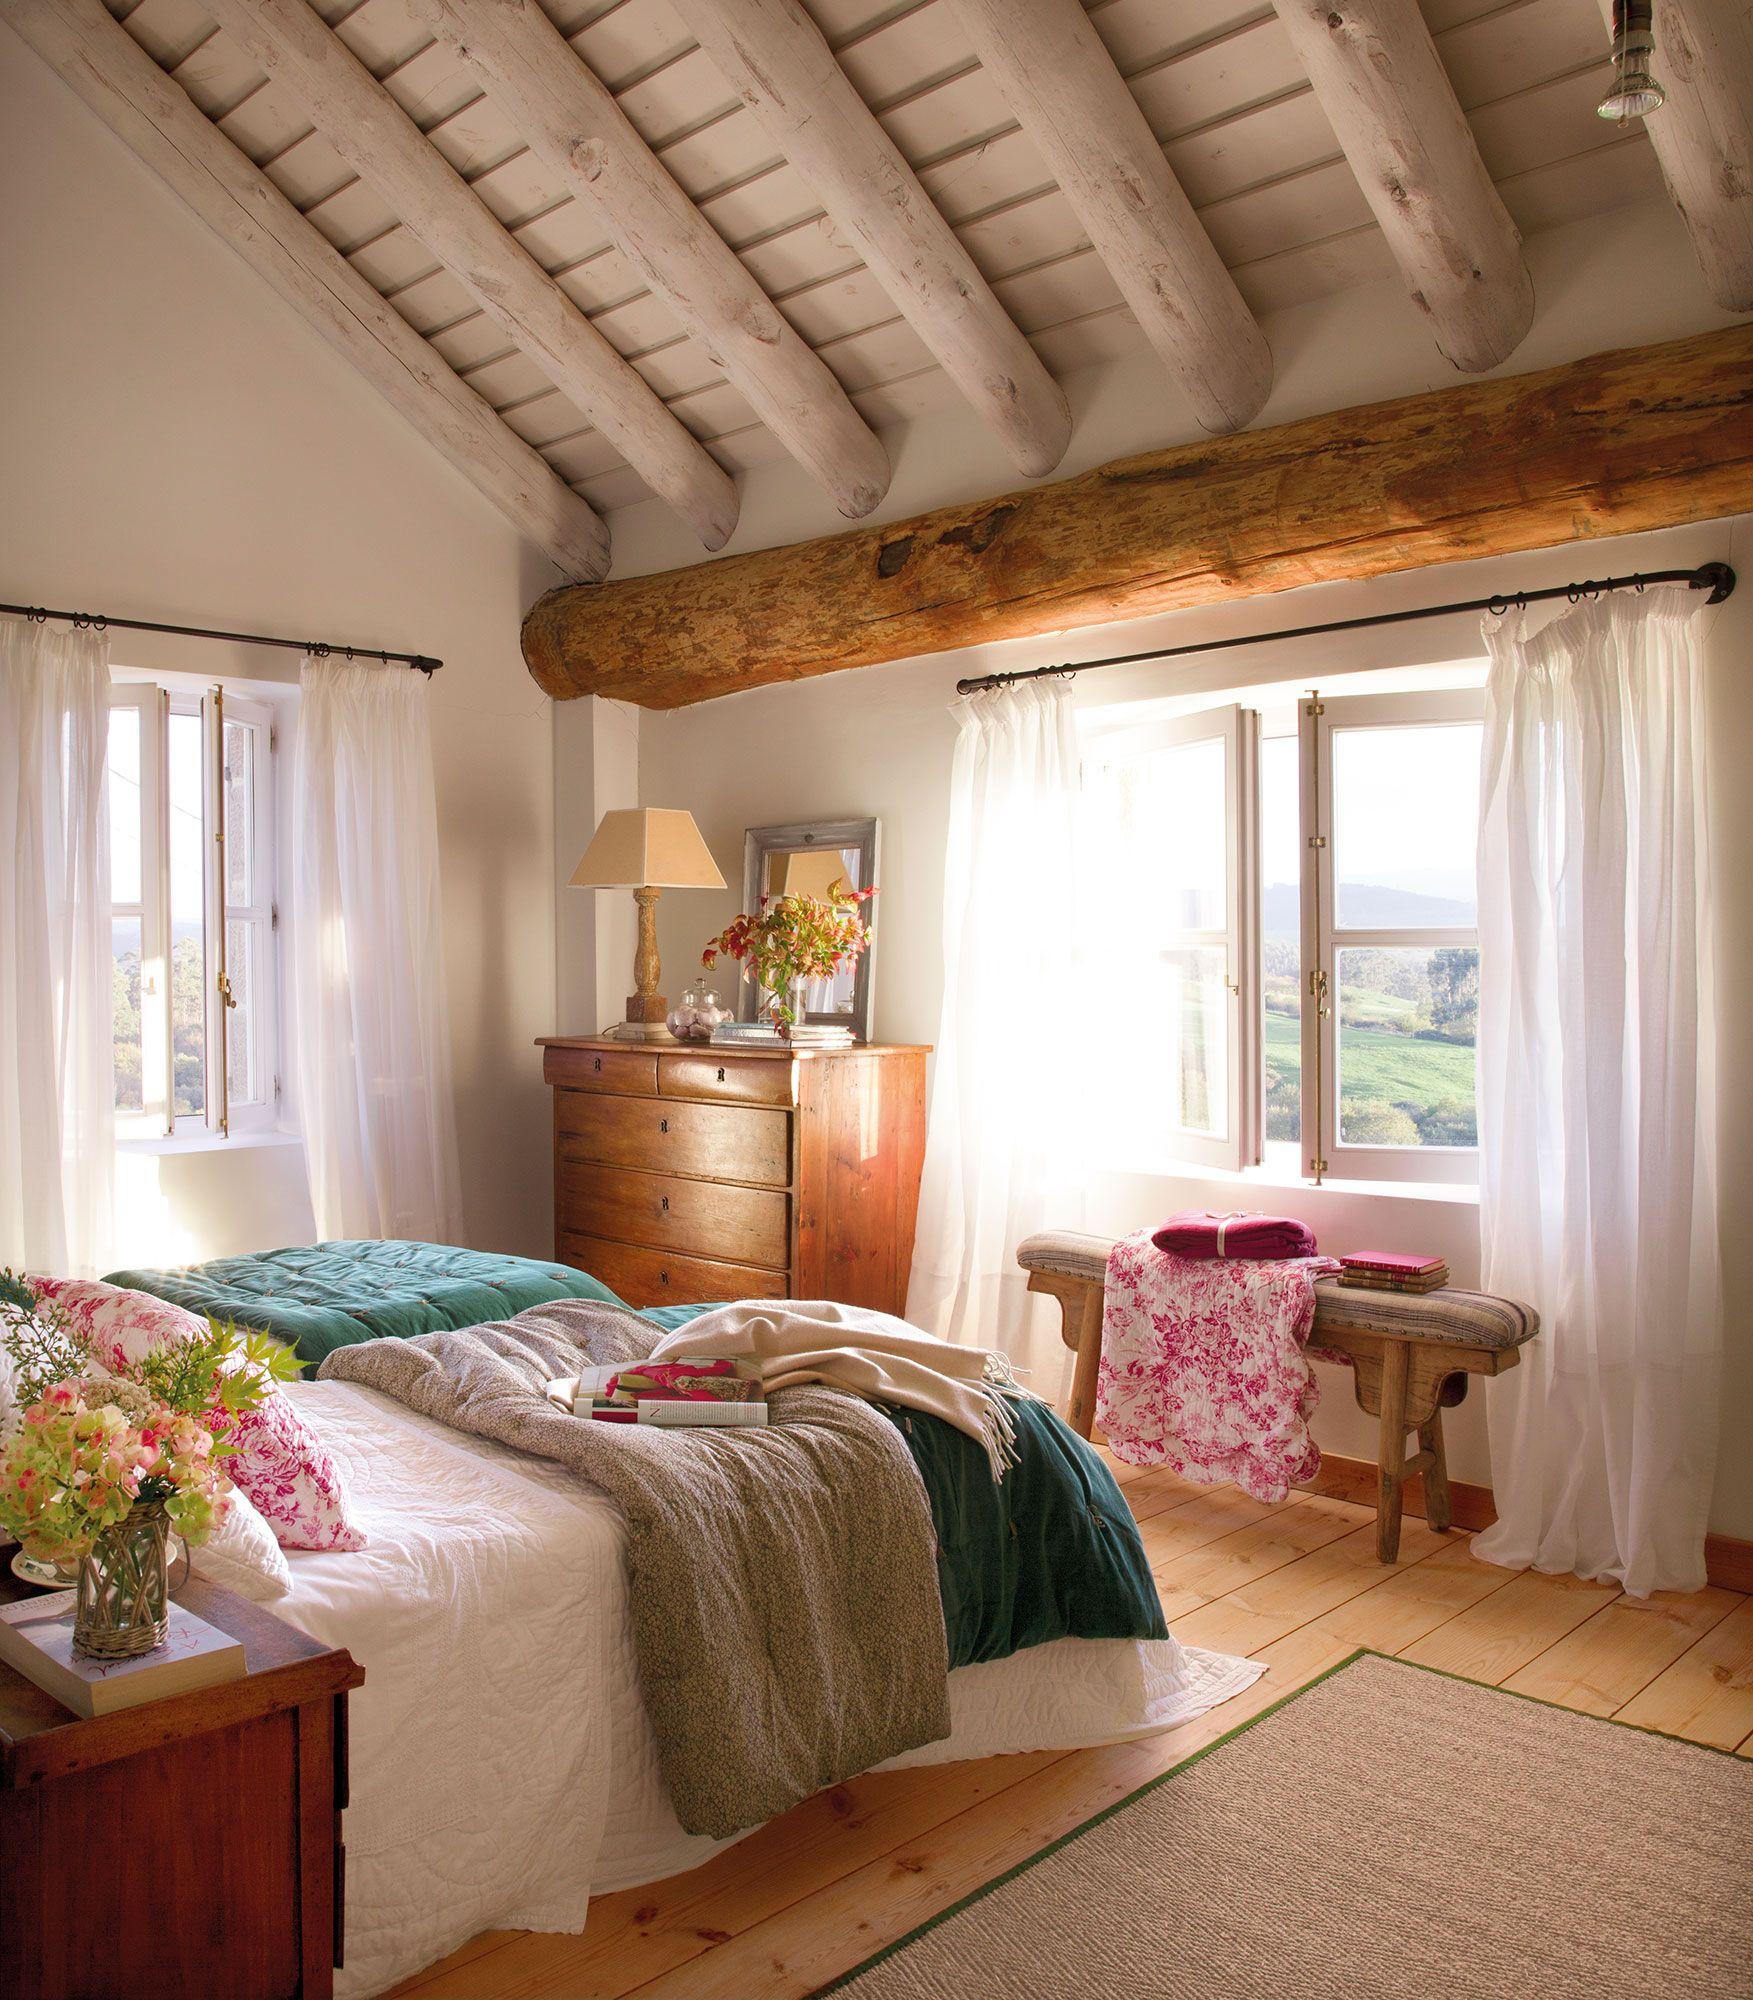 15 dormitorios rústicos decorativos y con buenas ideas ...